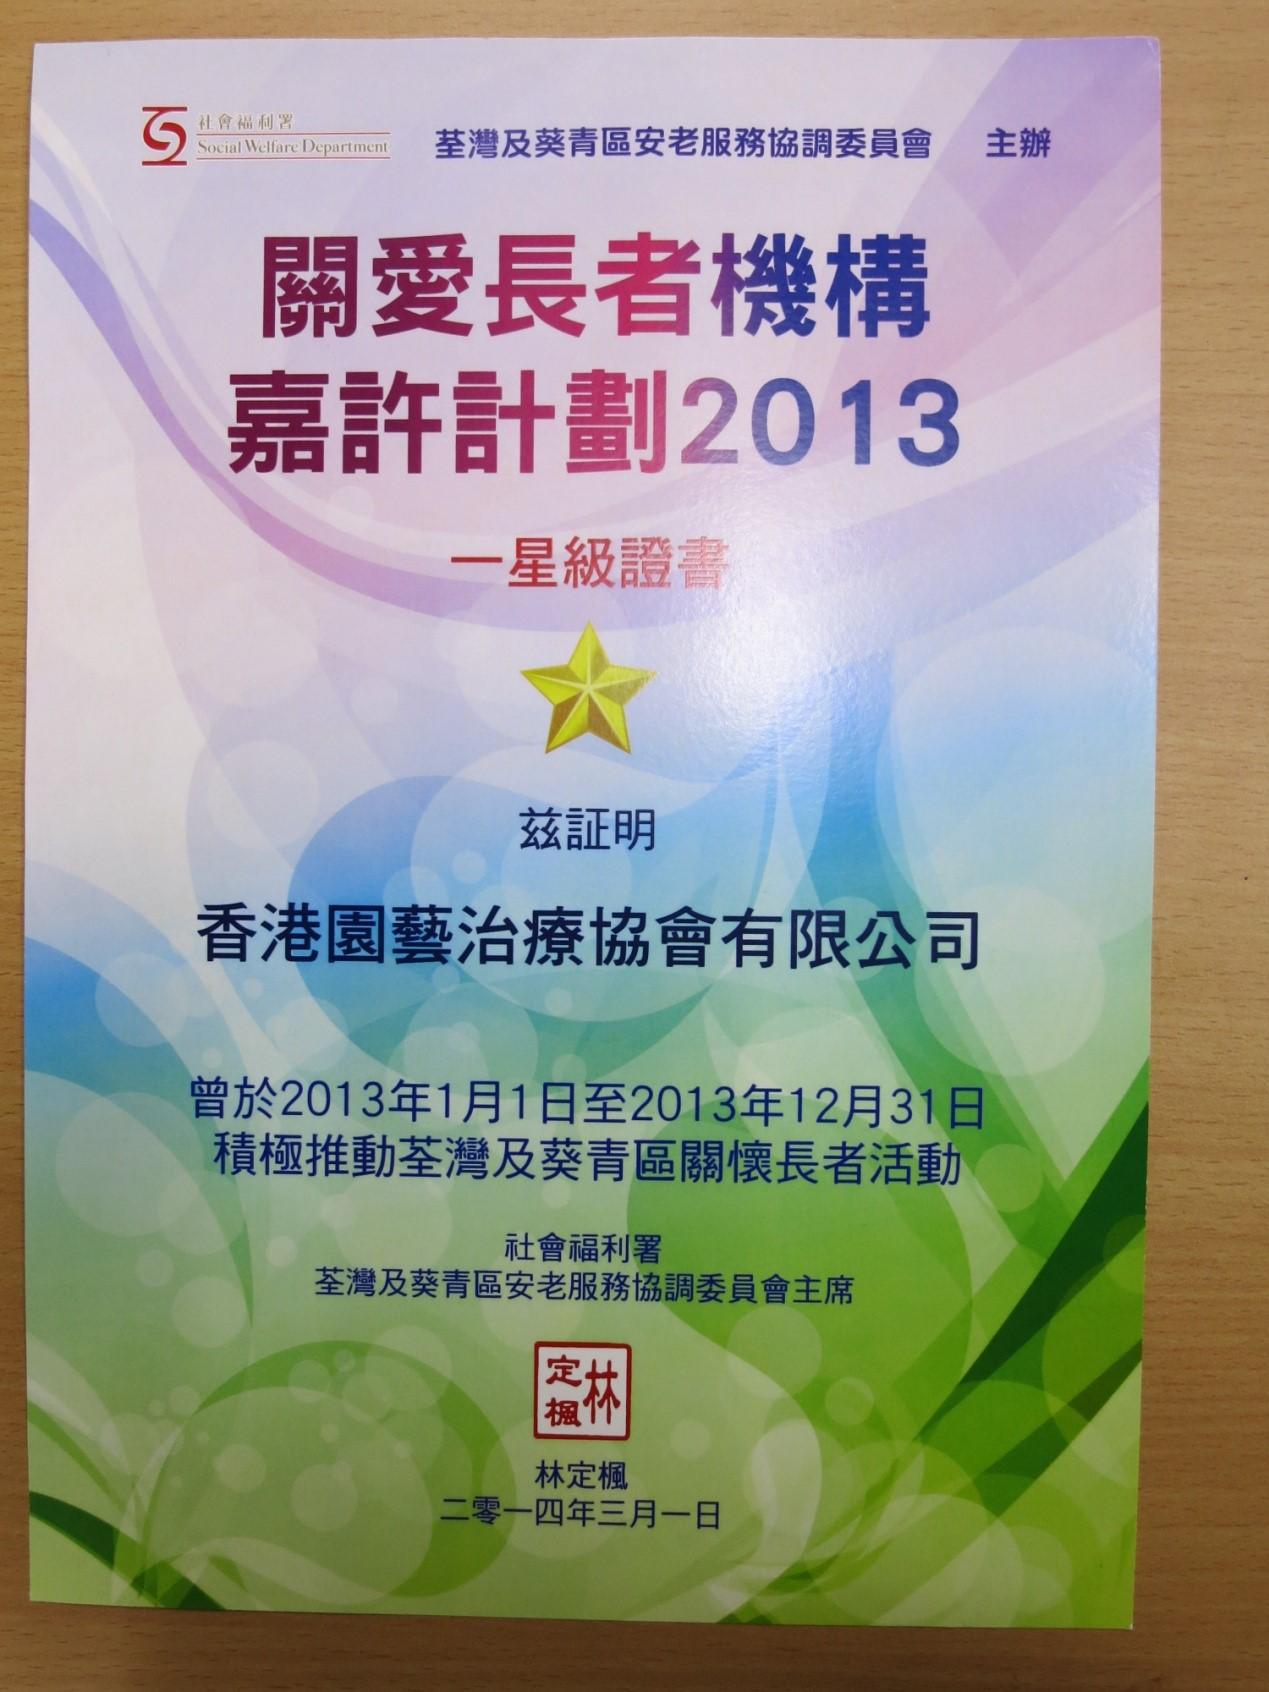 awards2013